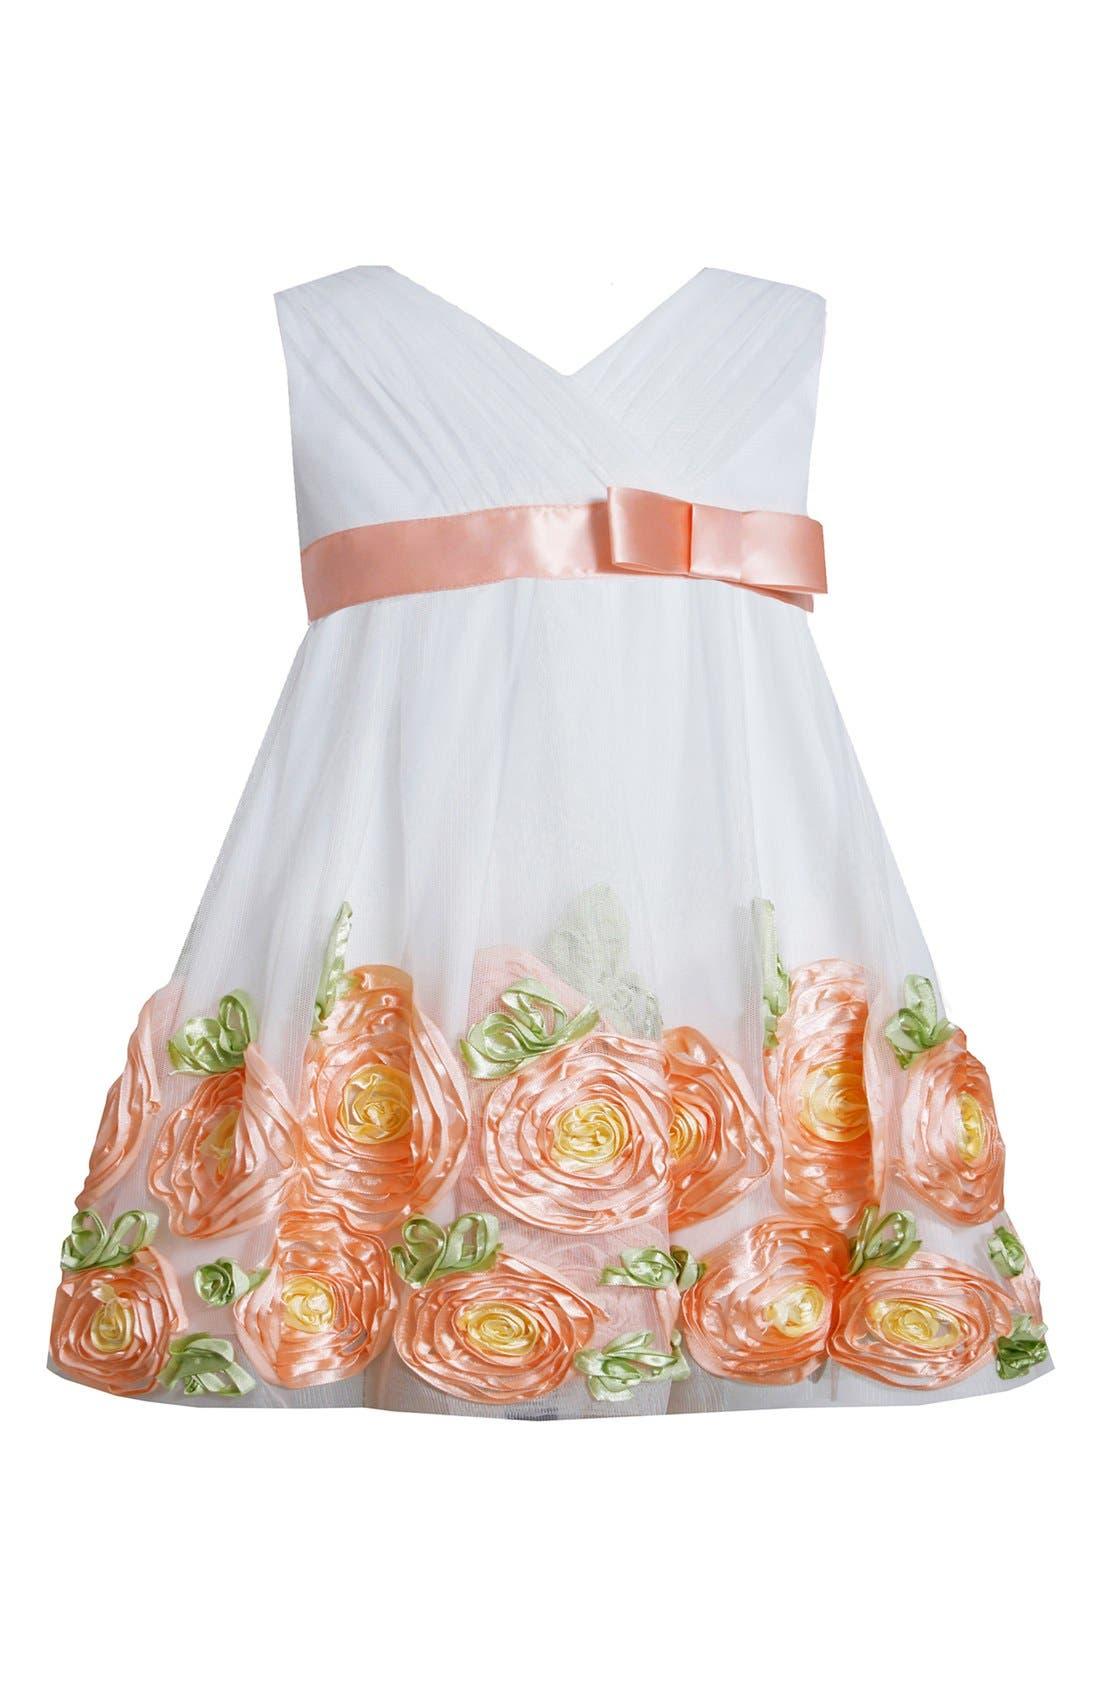 Alternate Image 1 Selected - Iris & Ivy Rose Border Dress (Baby Girls)